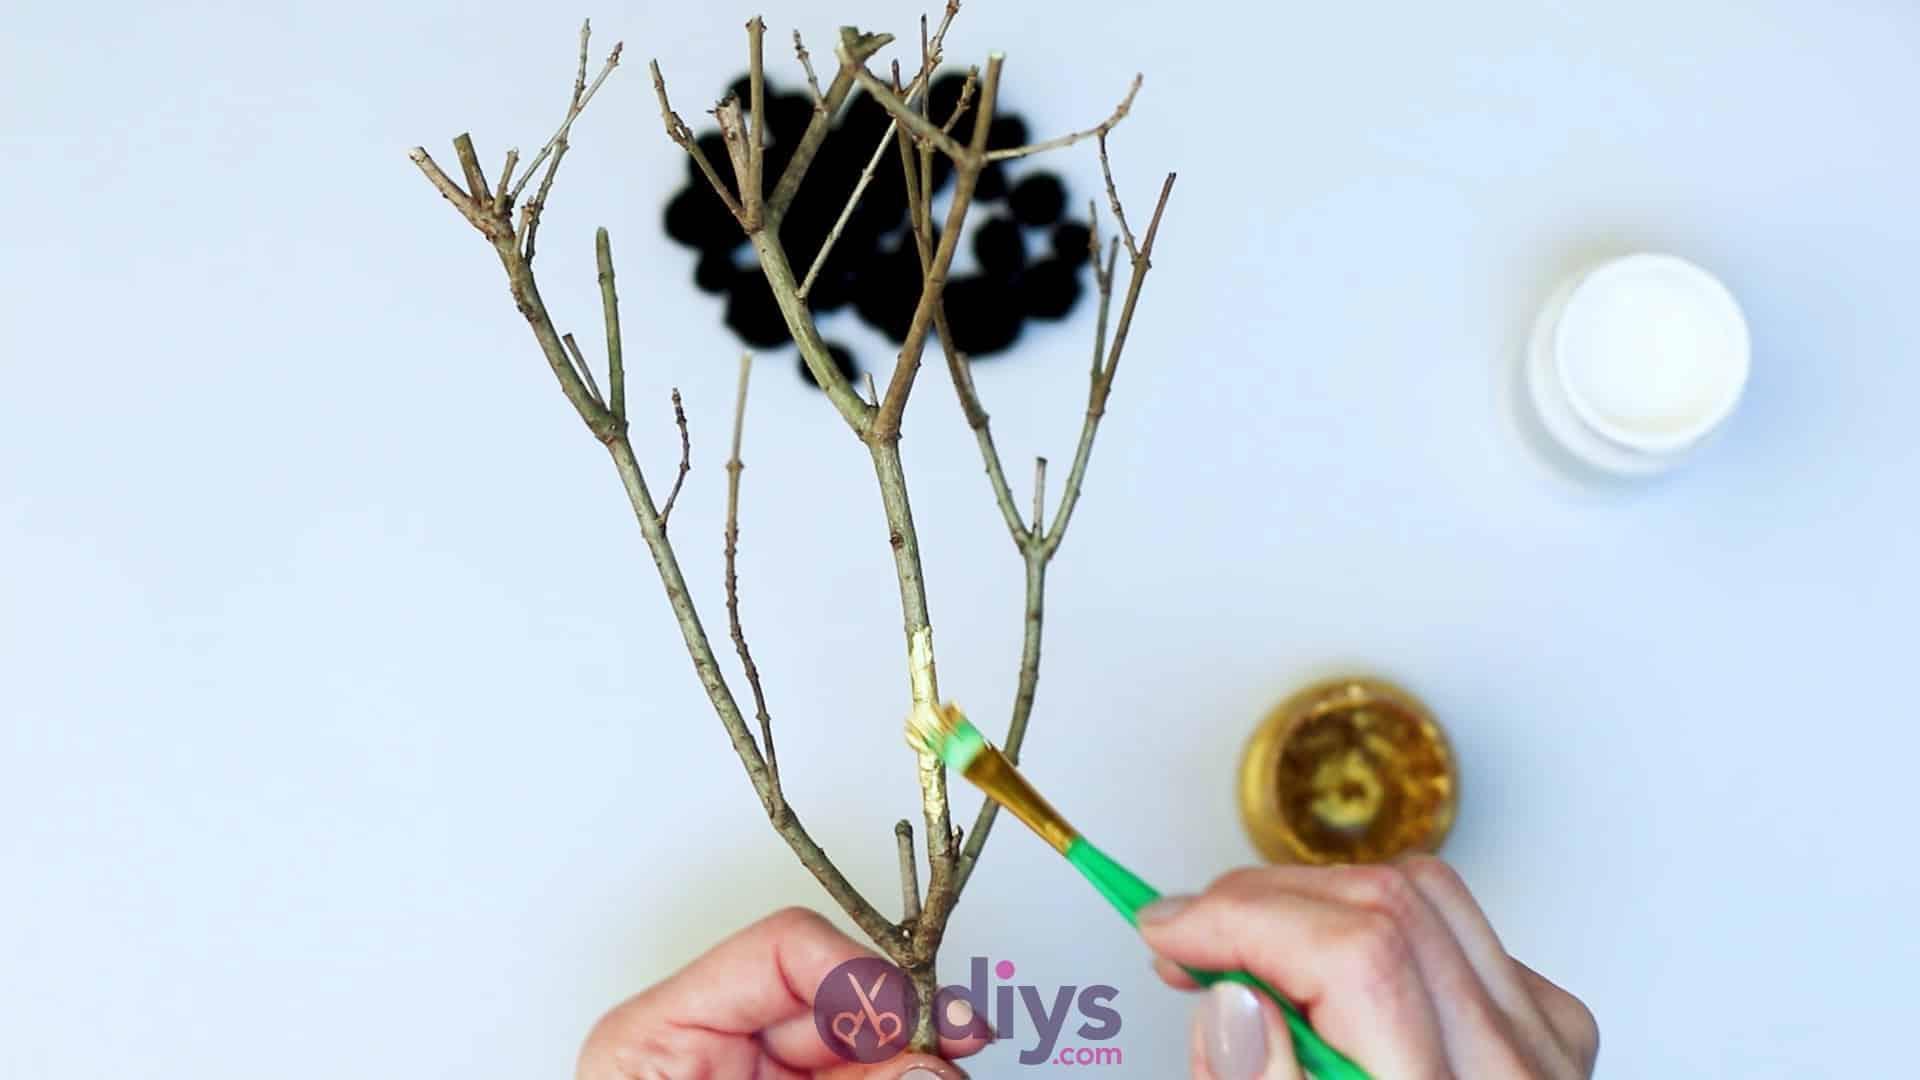 Diy pom pom tree art step 3a